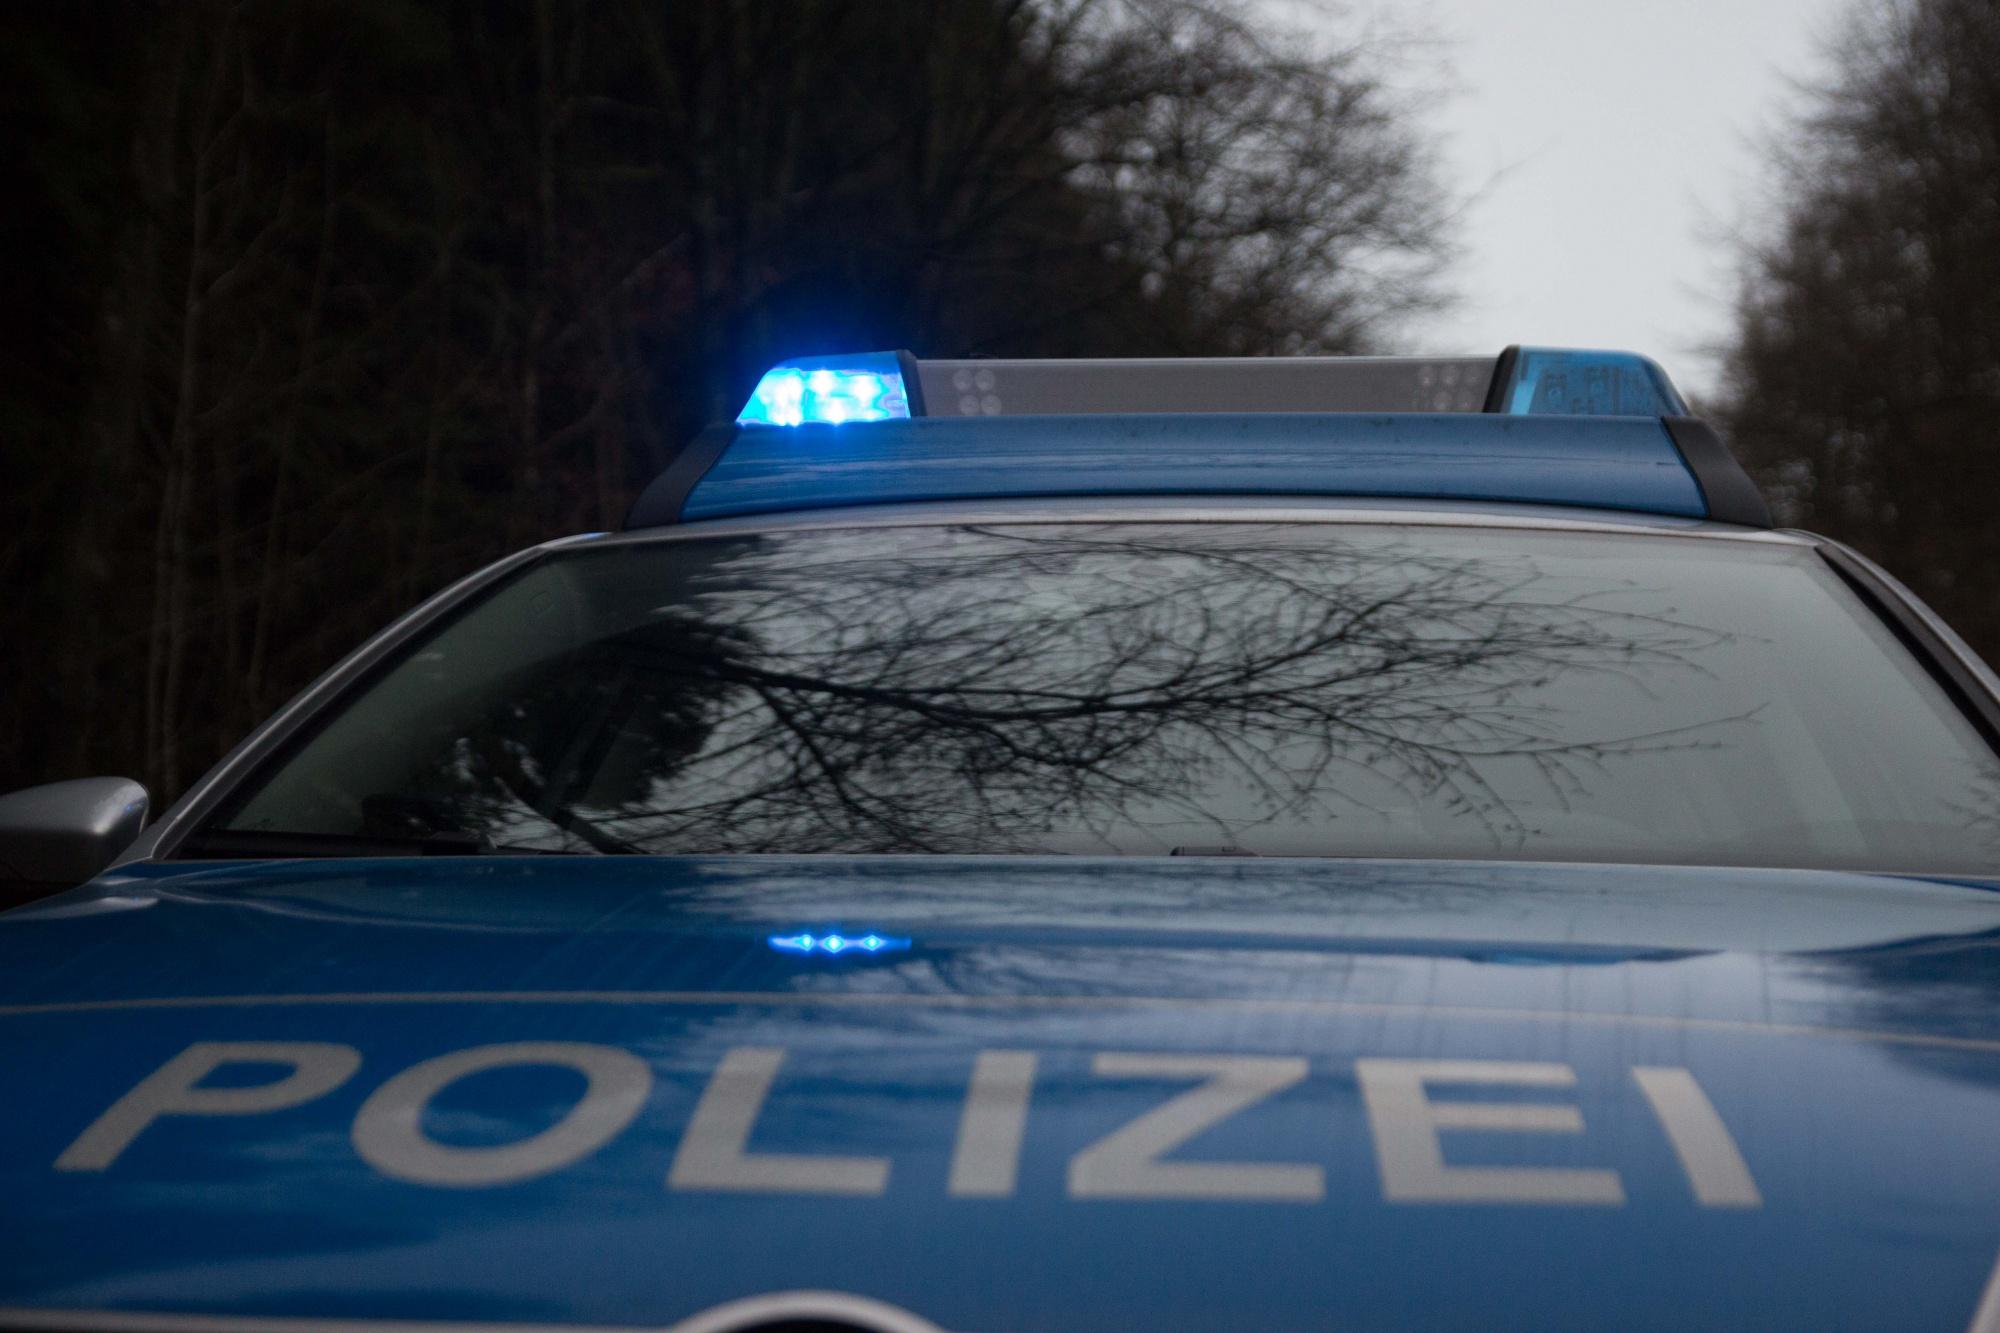 Zeugenaufruf des Polizeipräsidiums Trier